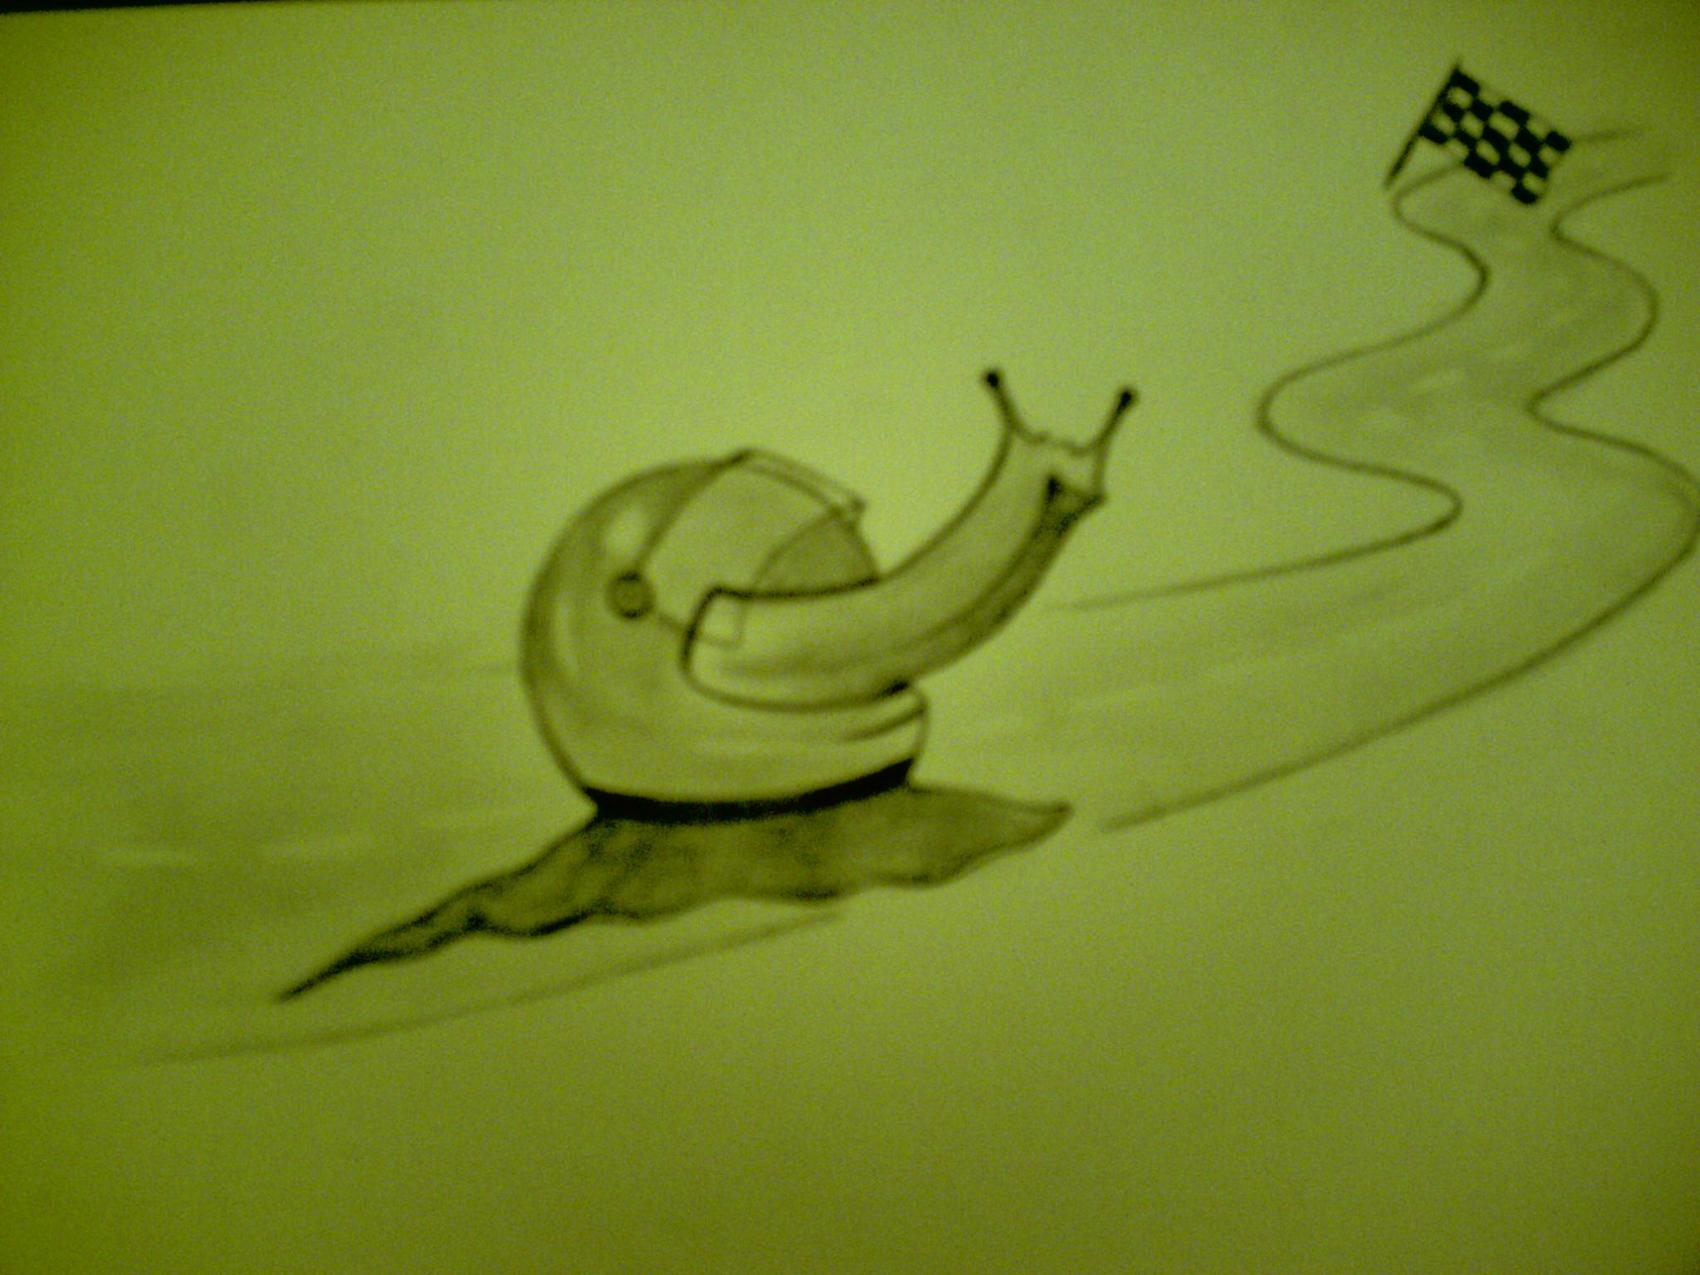 escargot de course